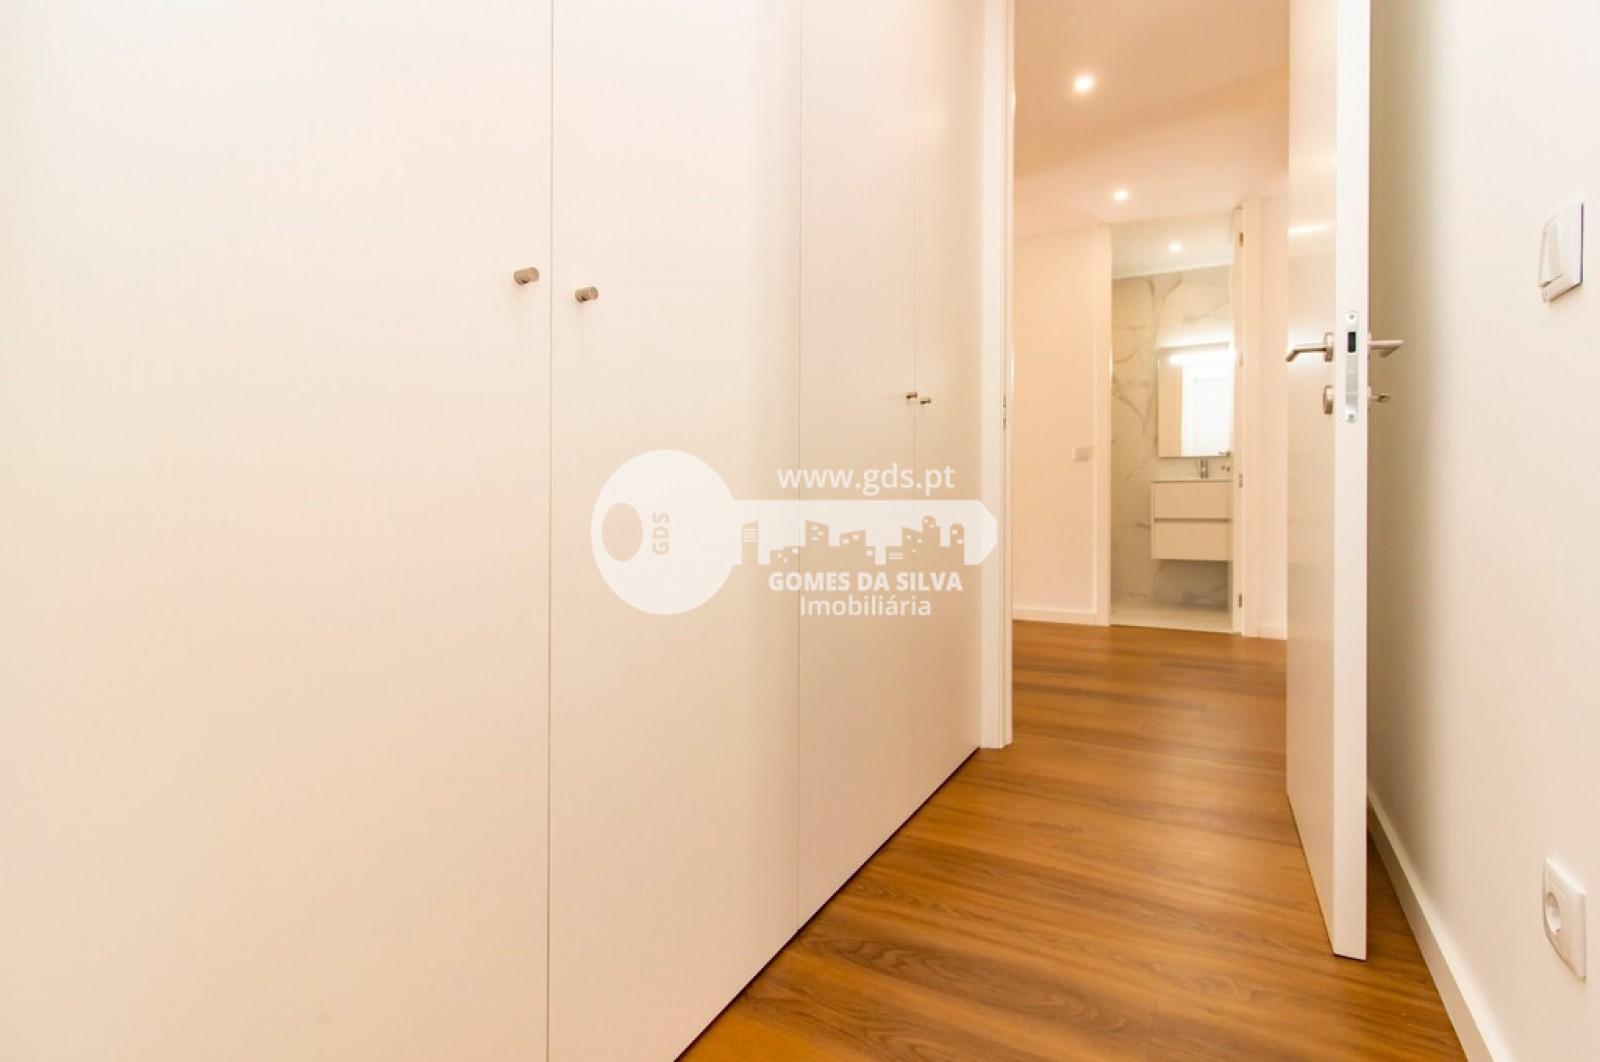 Apartamento T3 para Venda em São Vicente, Braga, Braga - Imagem 15